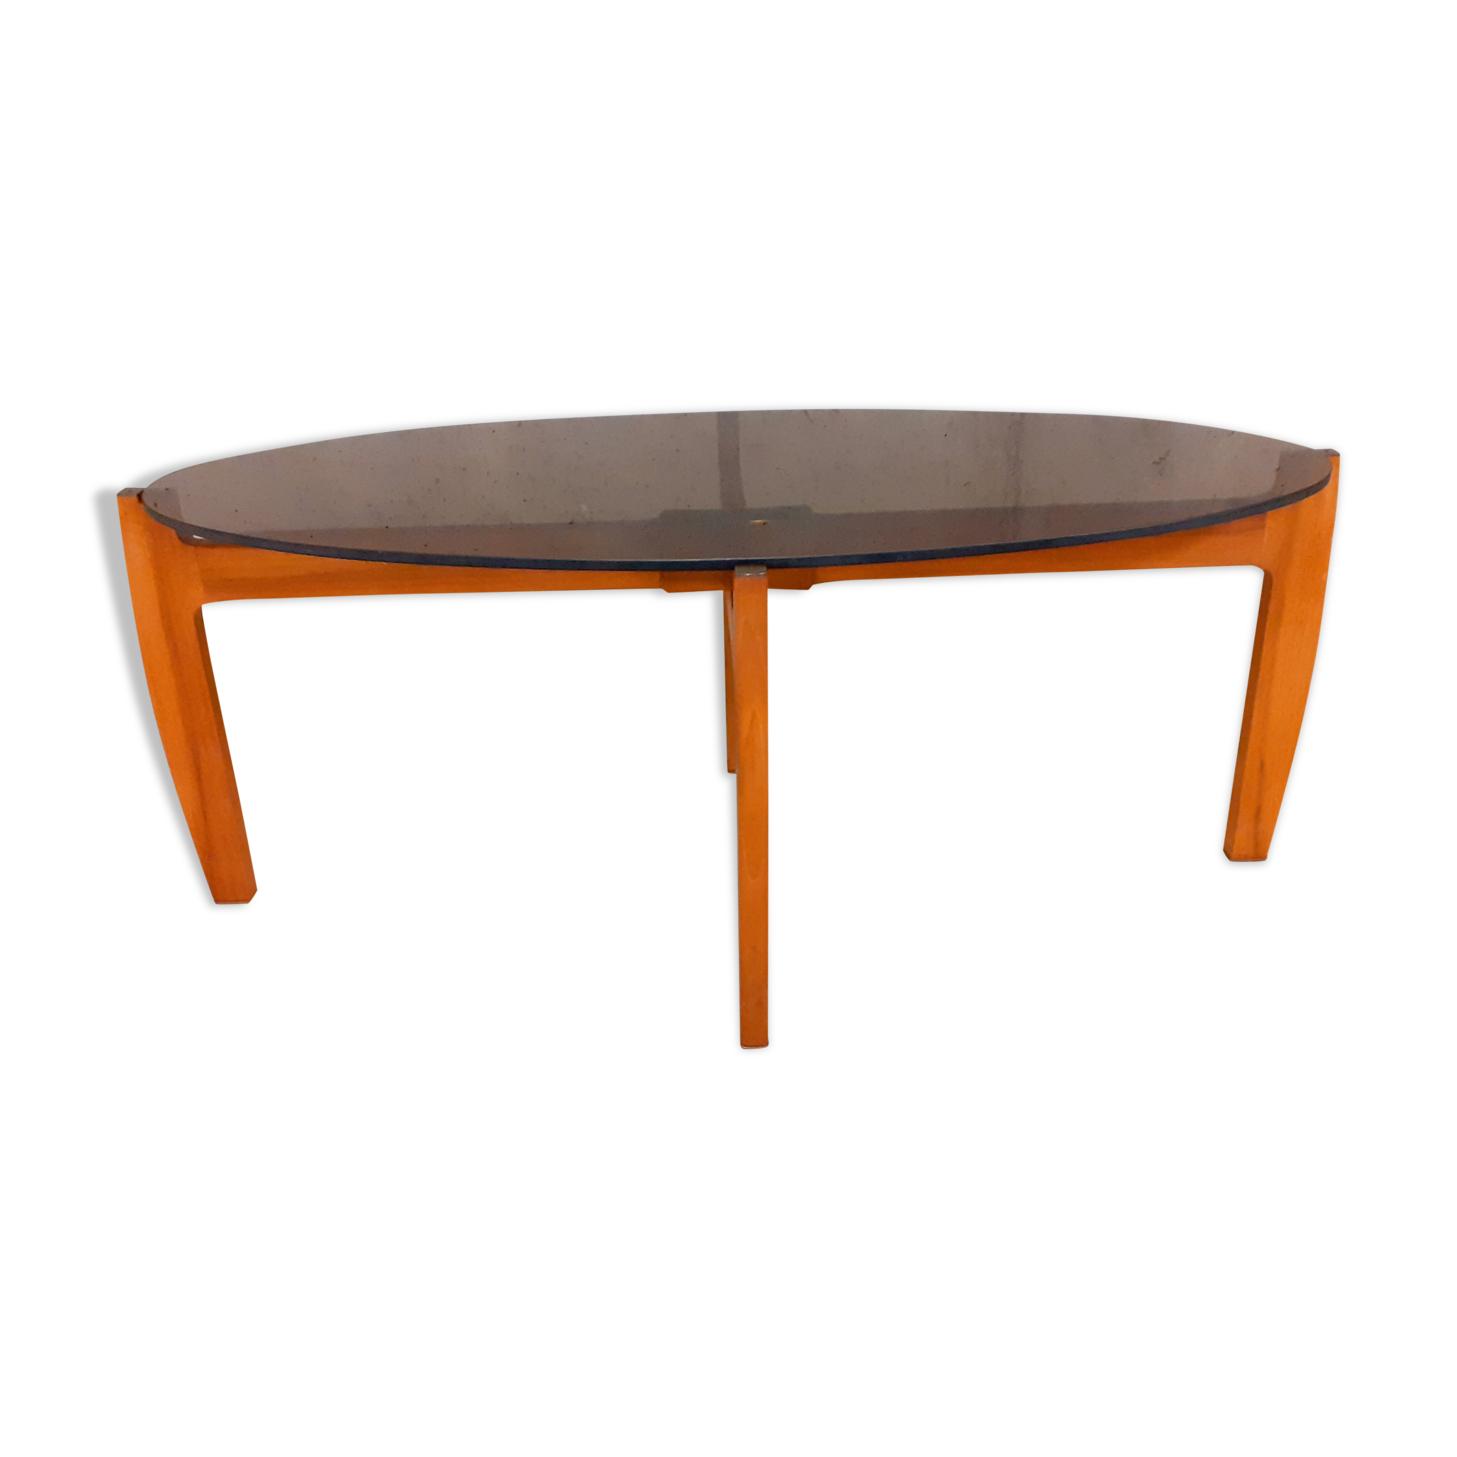 Table basse ovale scandinave vintage années 60 70 en teck et verre fumé